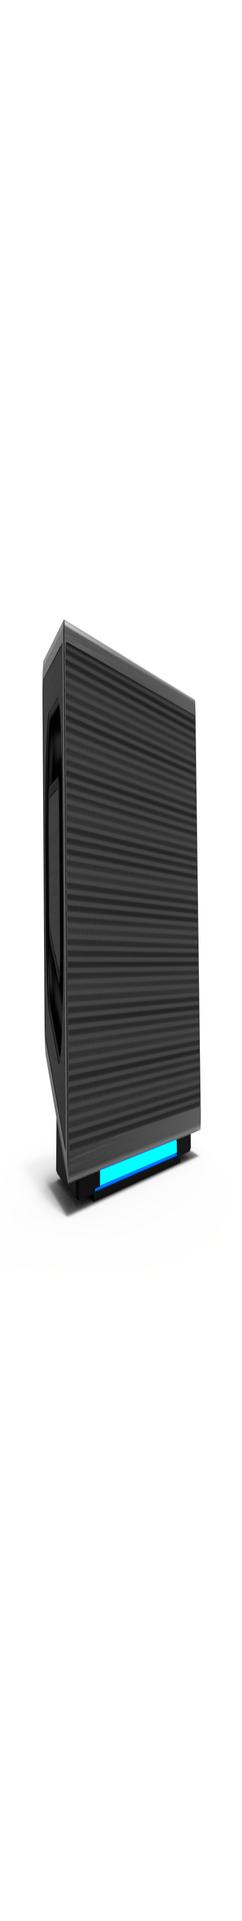 Портативная колонка GZ electronics LoftSound GZ-11, черная фото